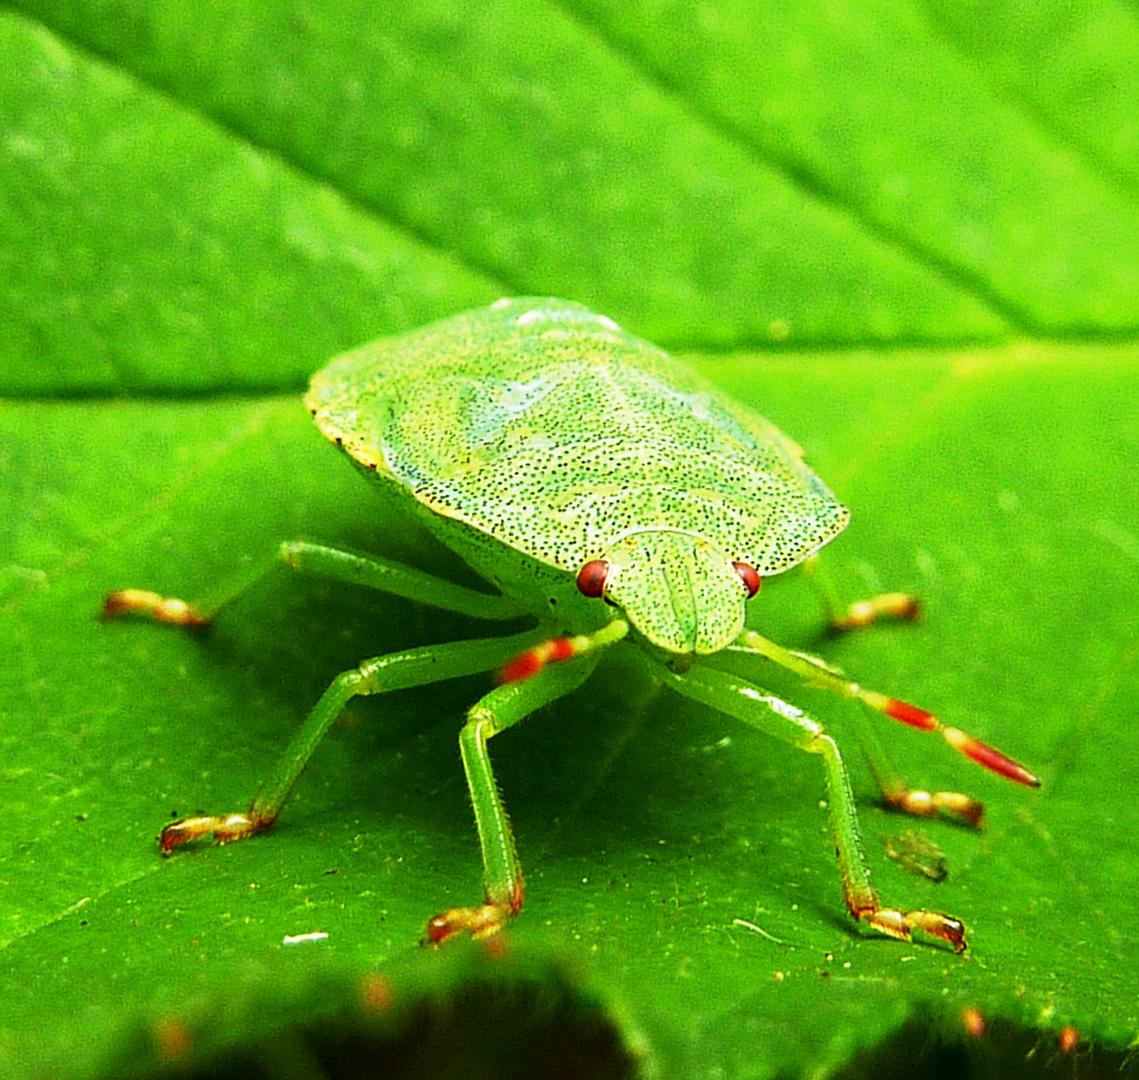 gr ne wanze foto bild tiere wildlife insekten bilder auf fotocommunity. Black Bedroom Furniture Sets. Home Design Ideas